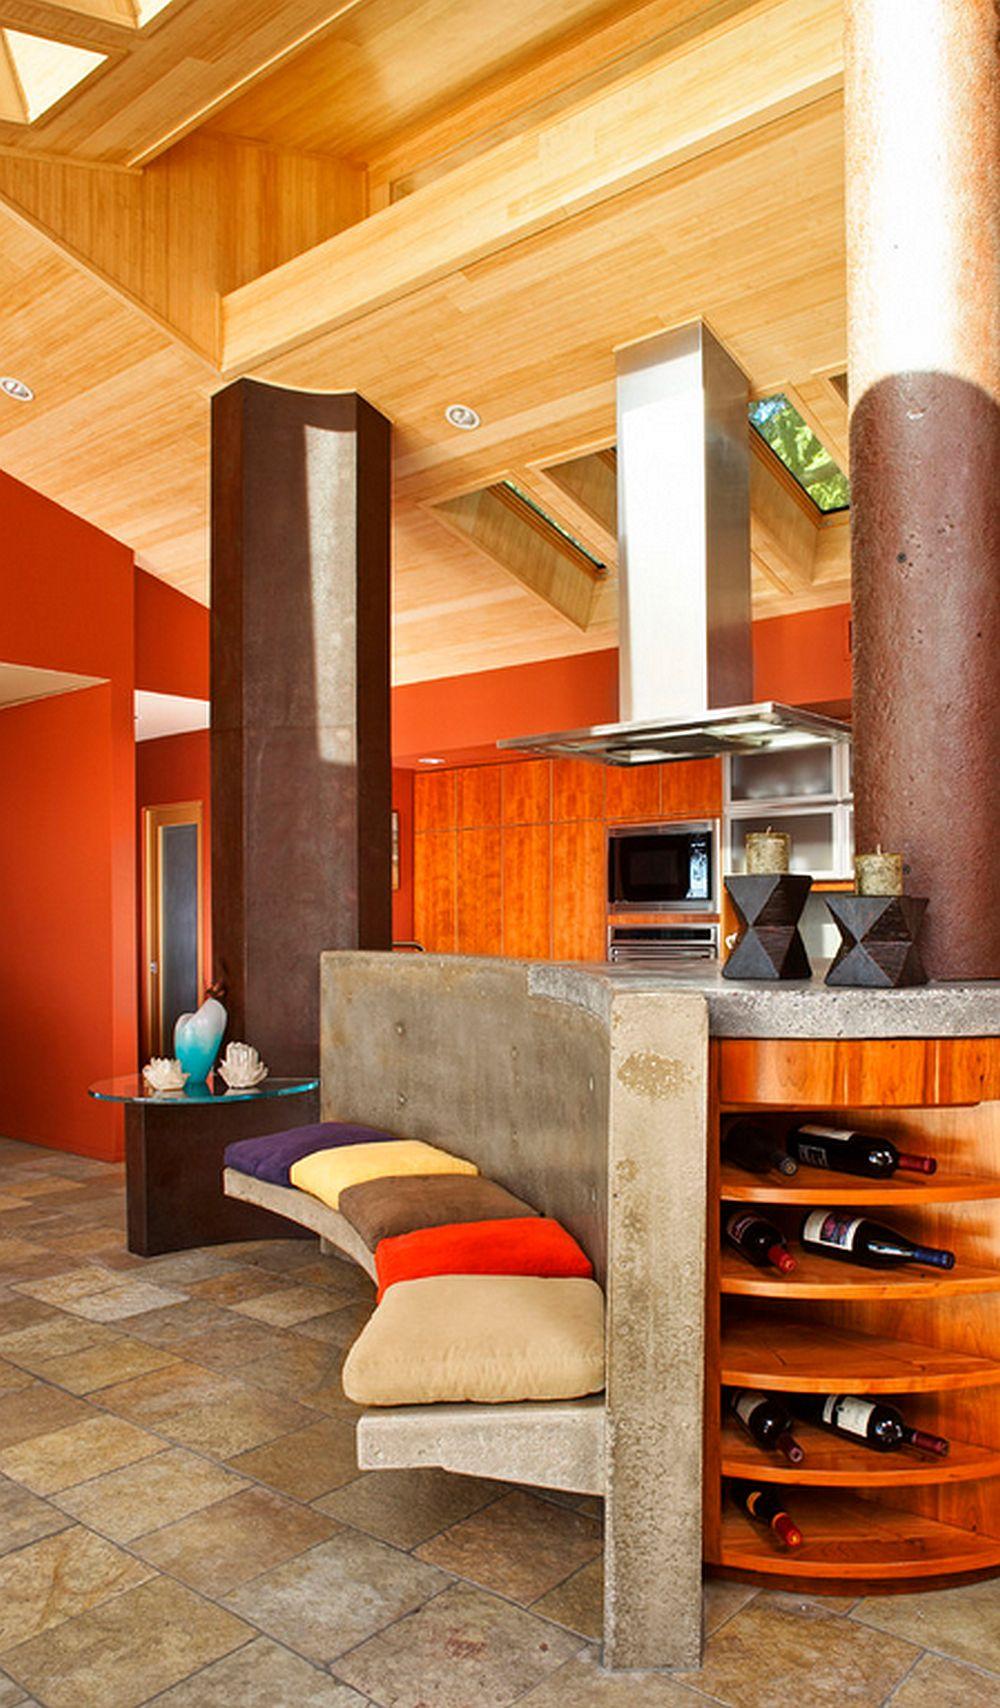 adelaparvu.com despre masa insula din beton cu locuri de sedere, design J Grant Design Studio (3)